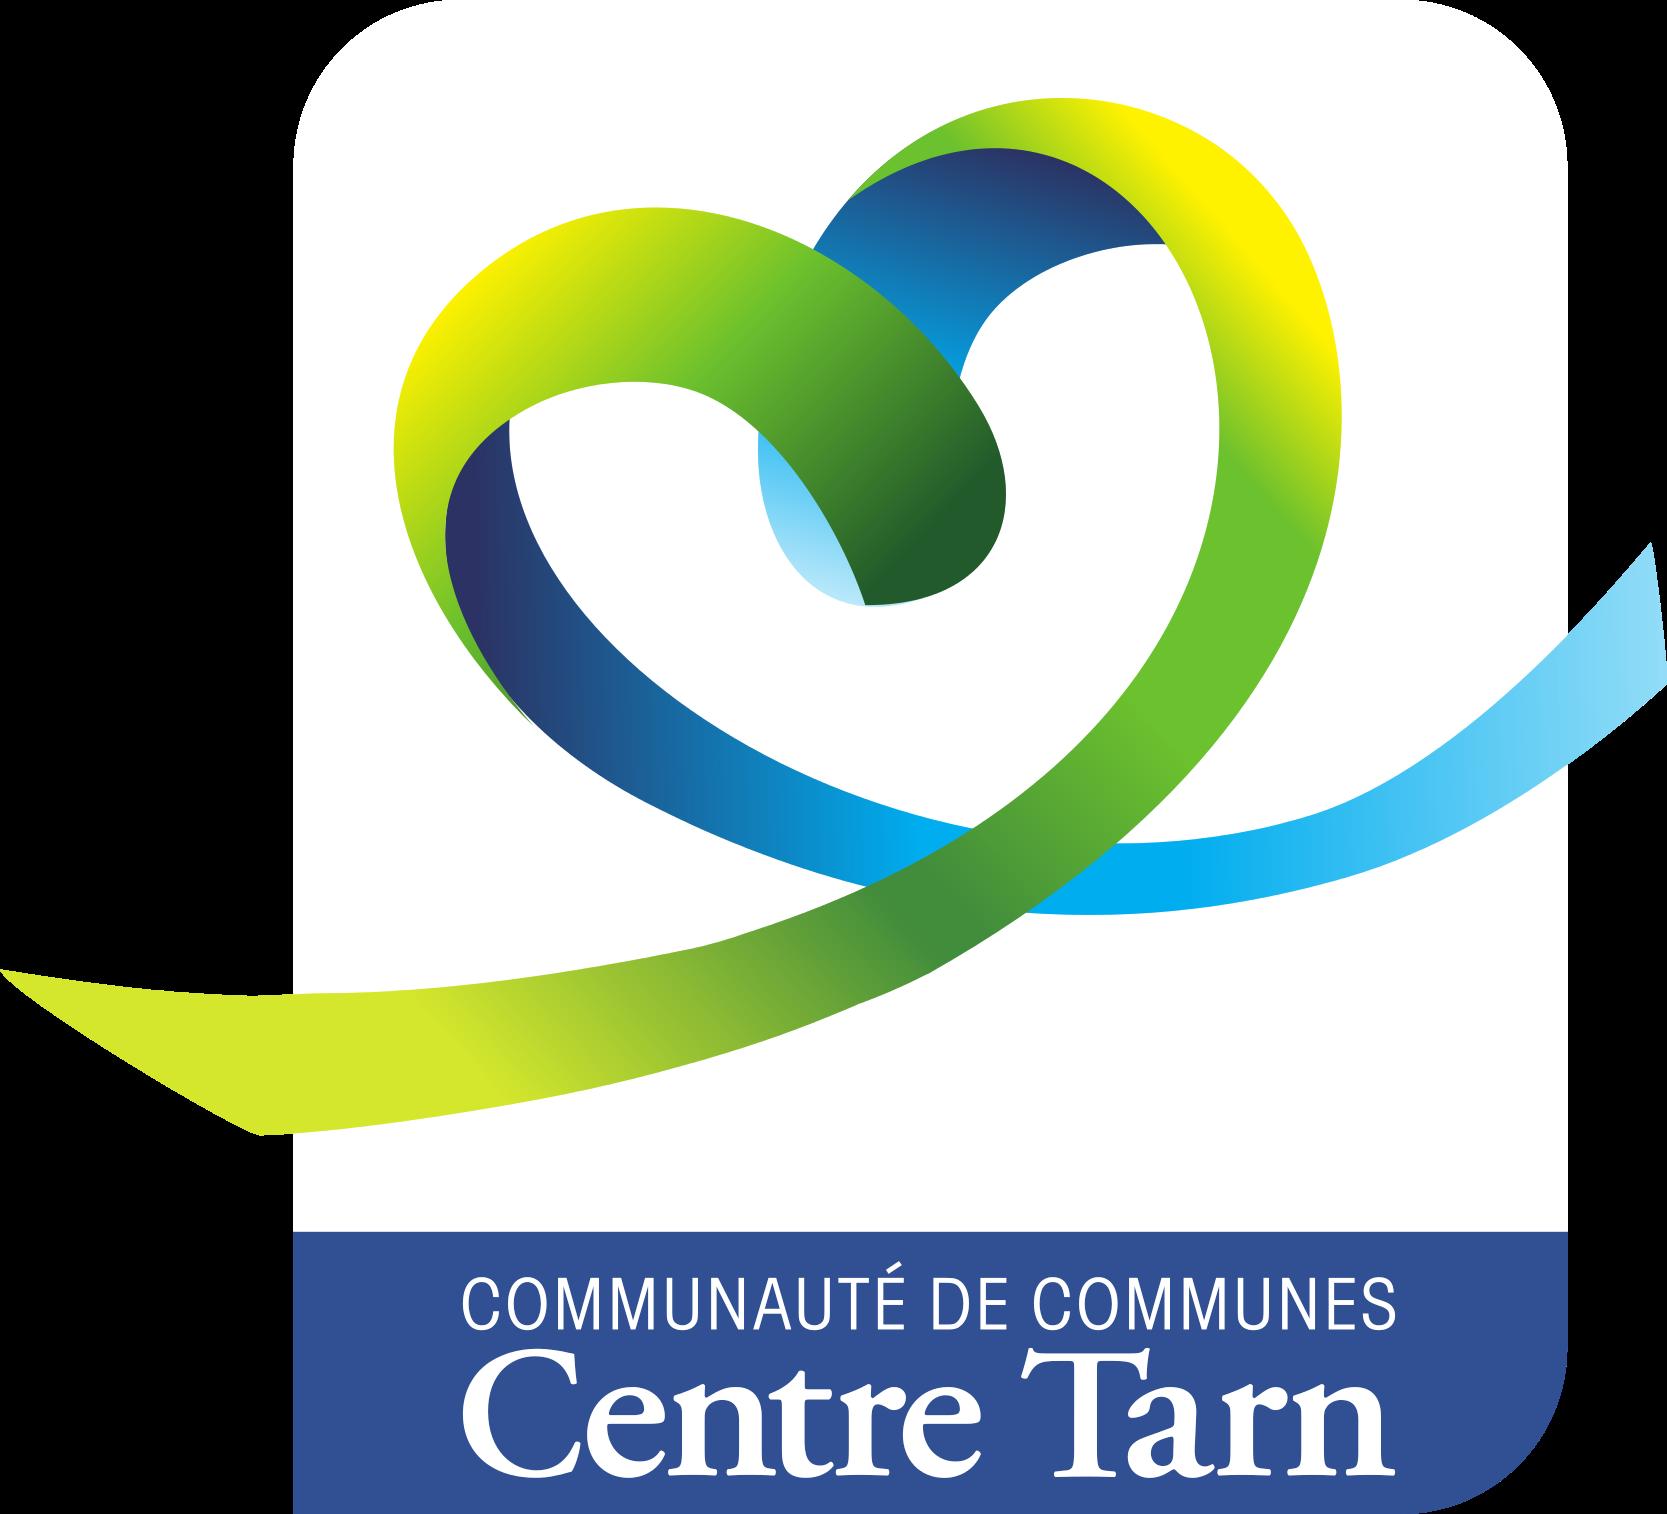 Communauté de Communes Centre Tarn